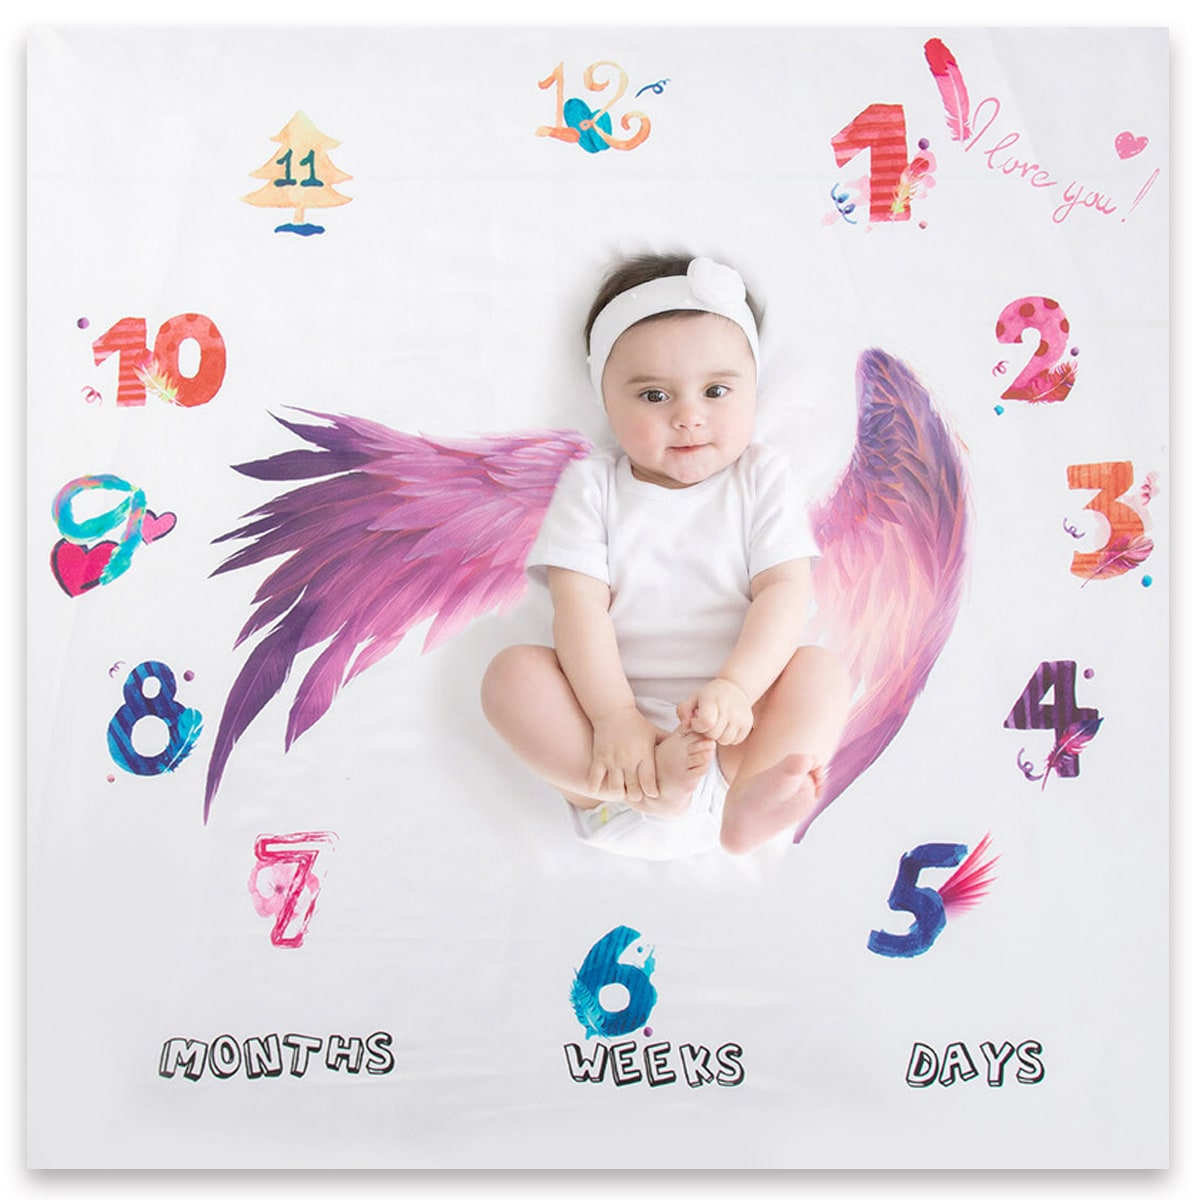 Фоновое одеяло с принтом крыльев для фотографий новорожденных девочек